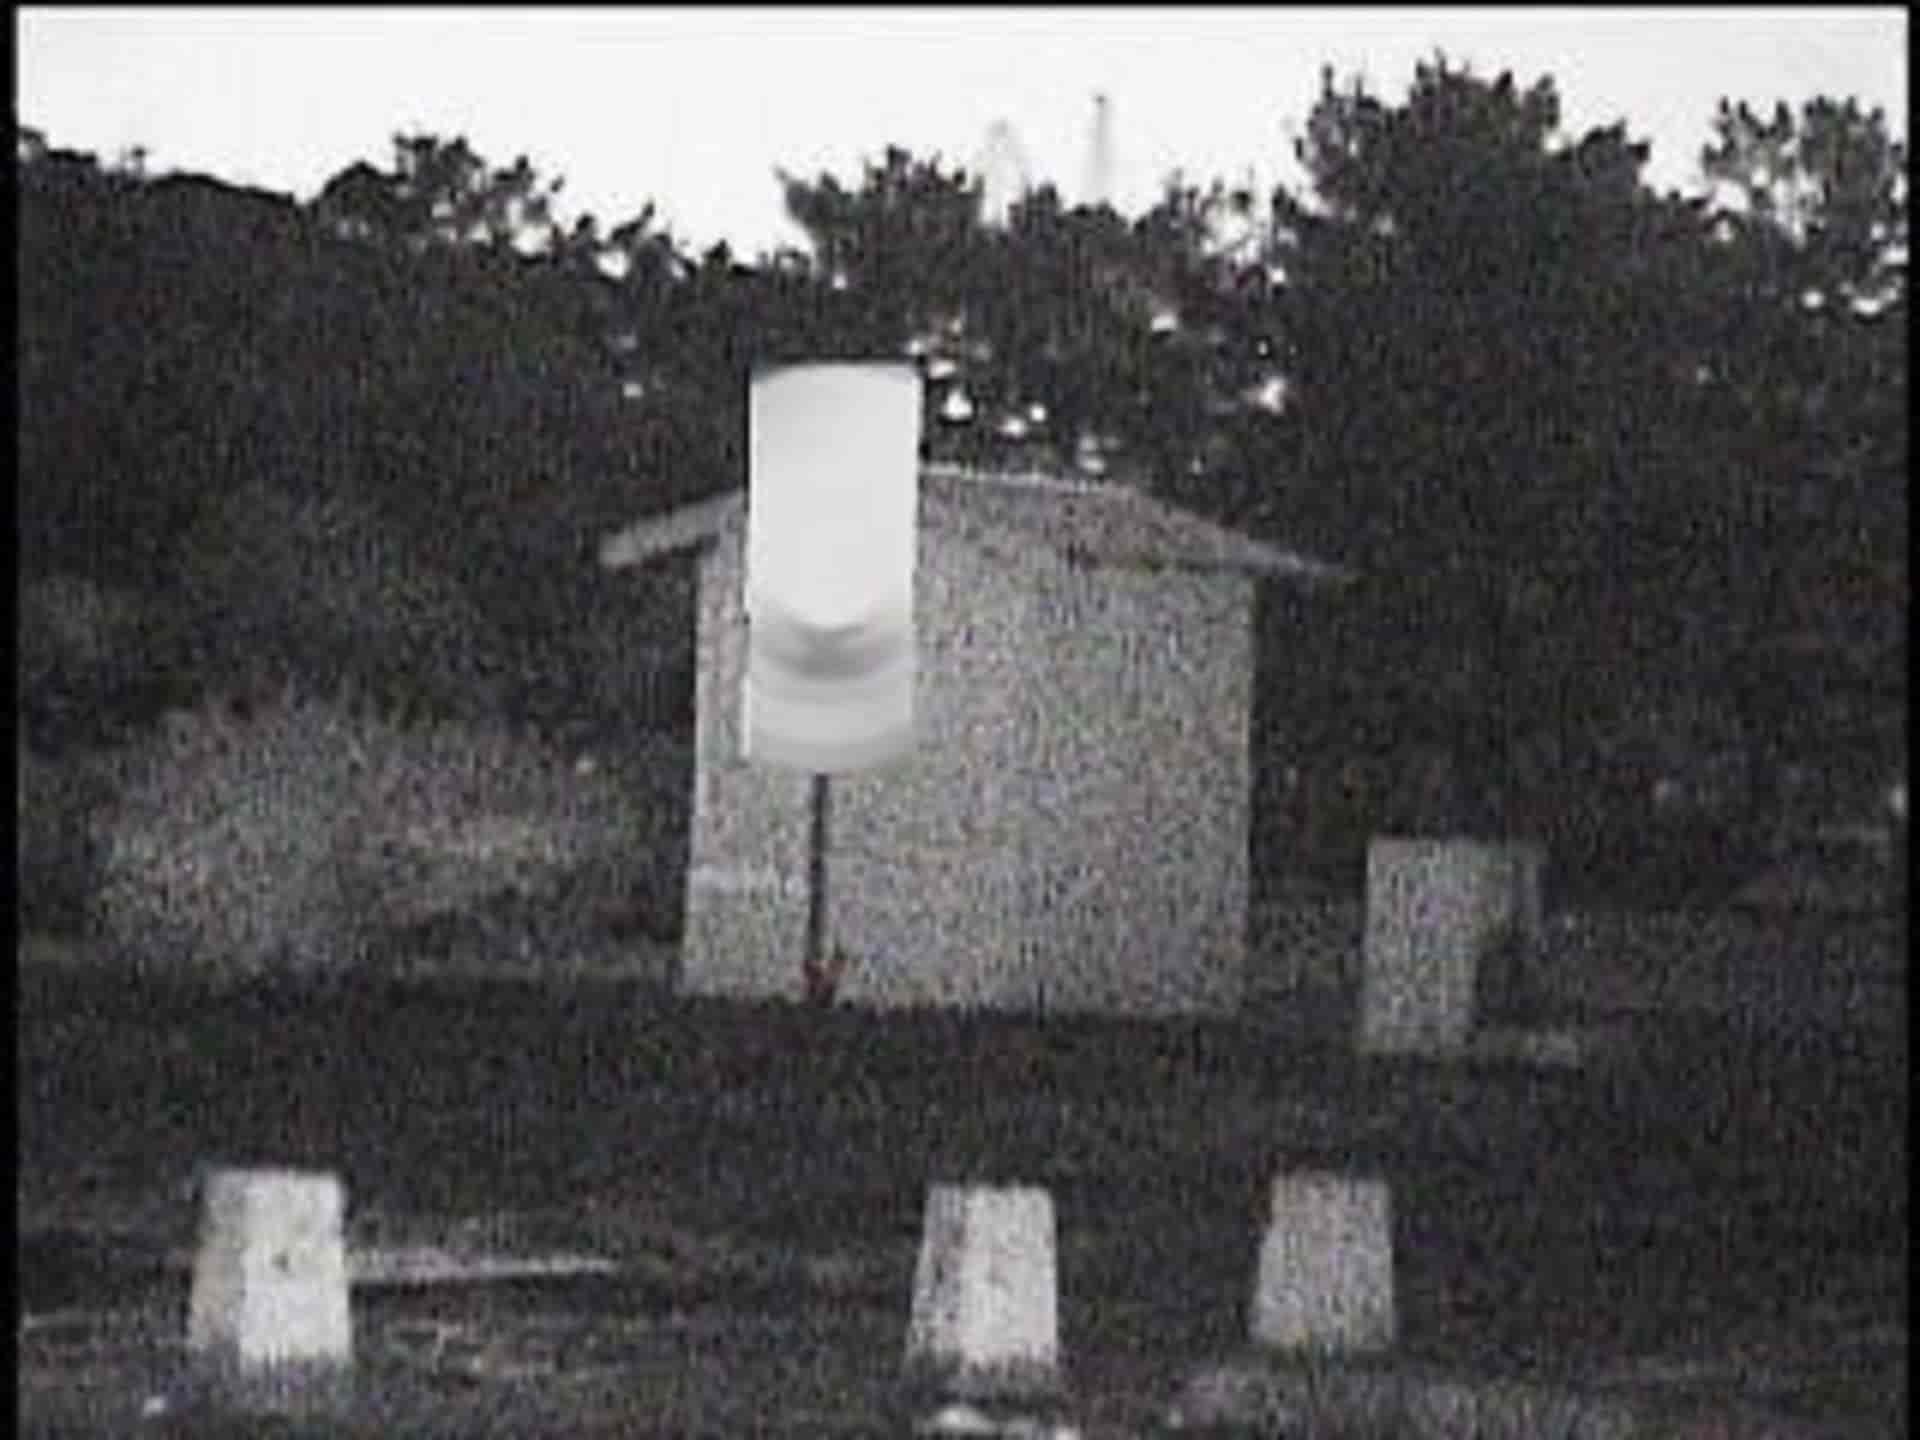 茨城県の夜間暗視撮影は多数の実績があるラブ探偵事務所